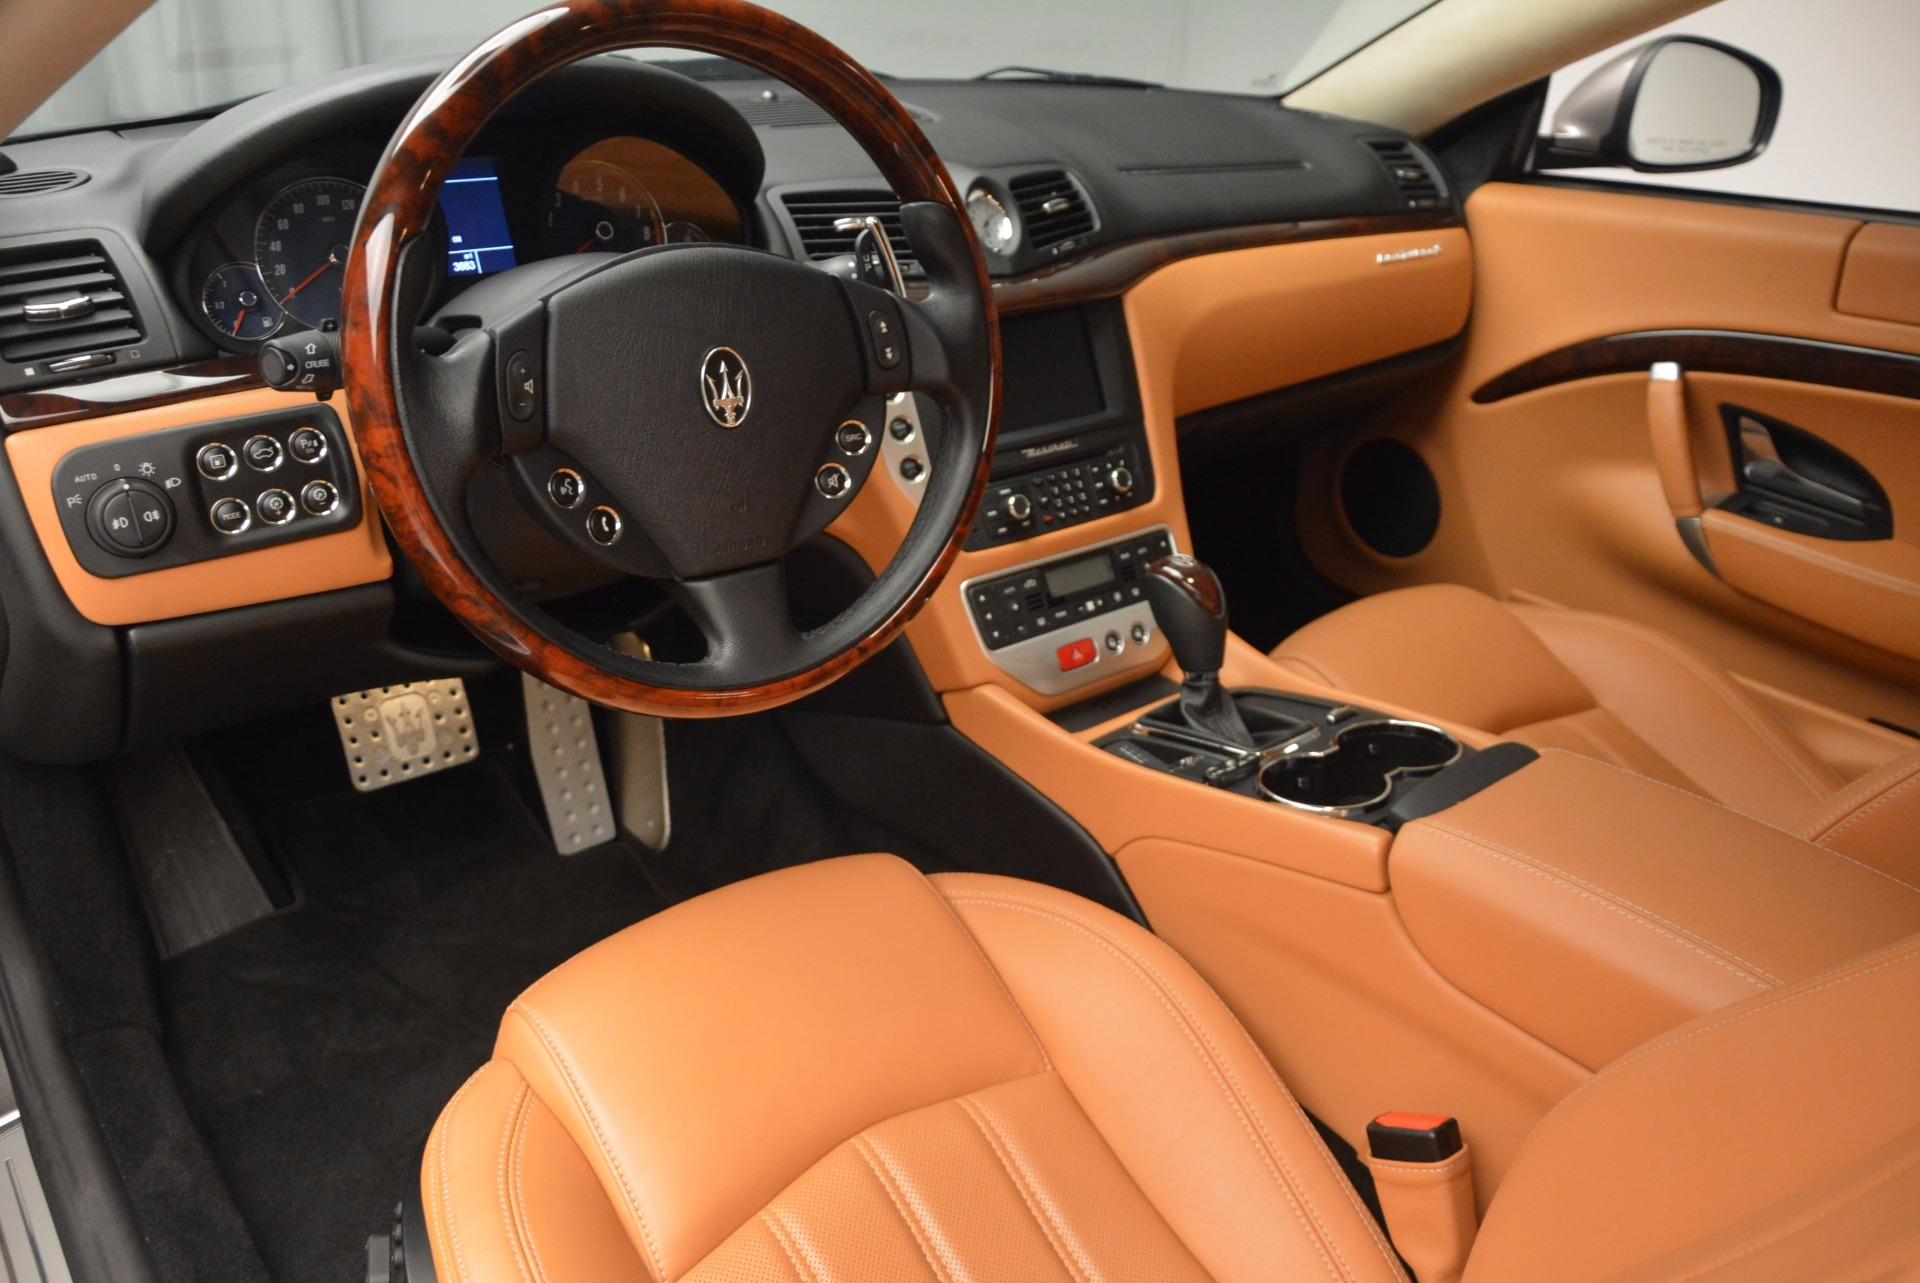 Used 2009 Maserati GranTurismo S For Sale In Westport, CT 1063_p13